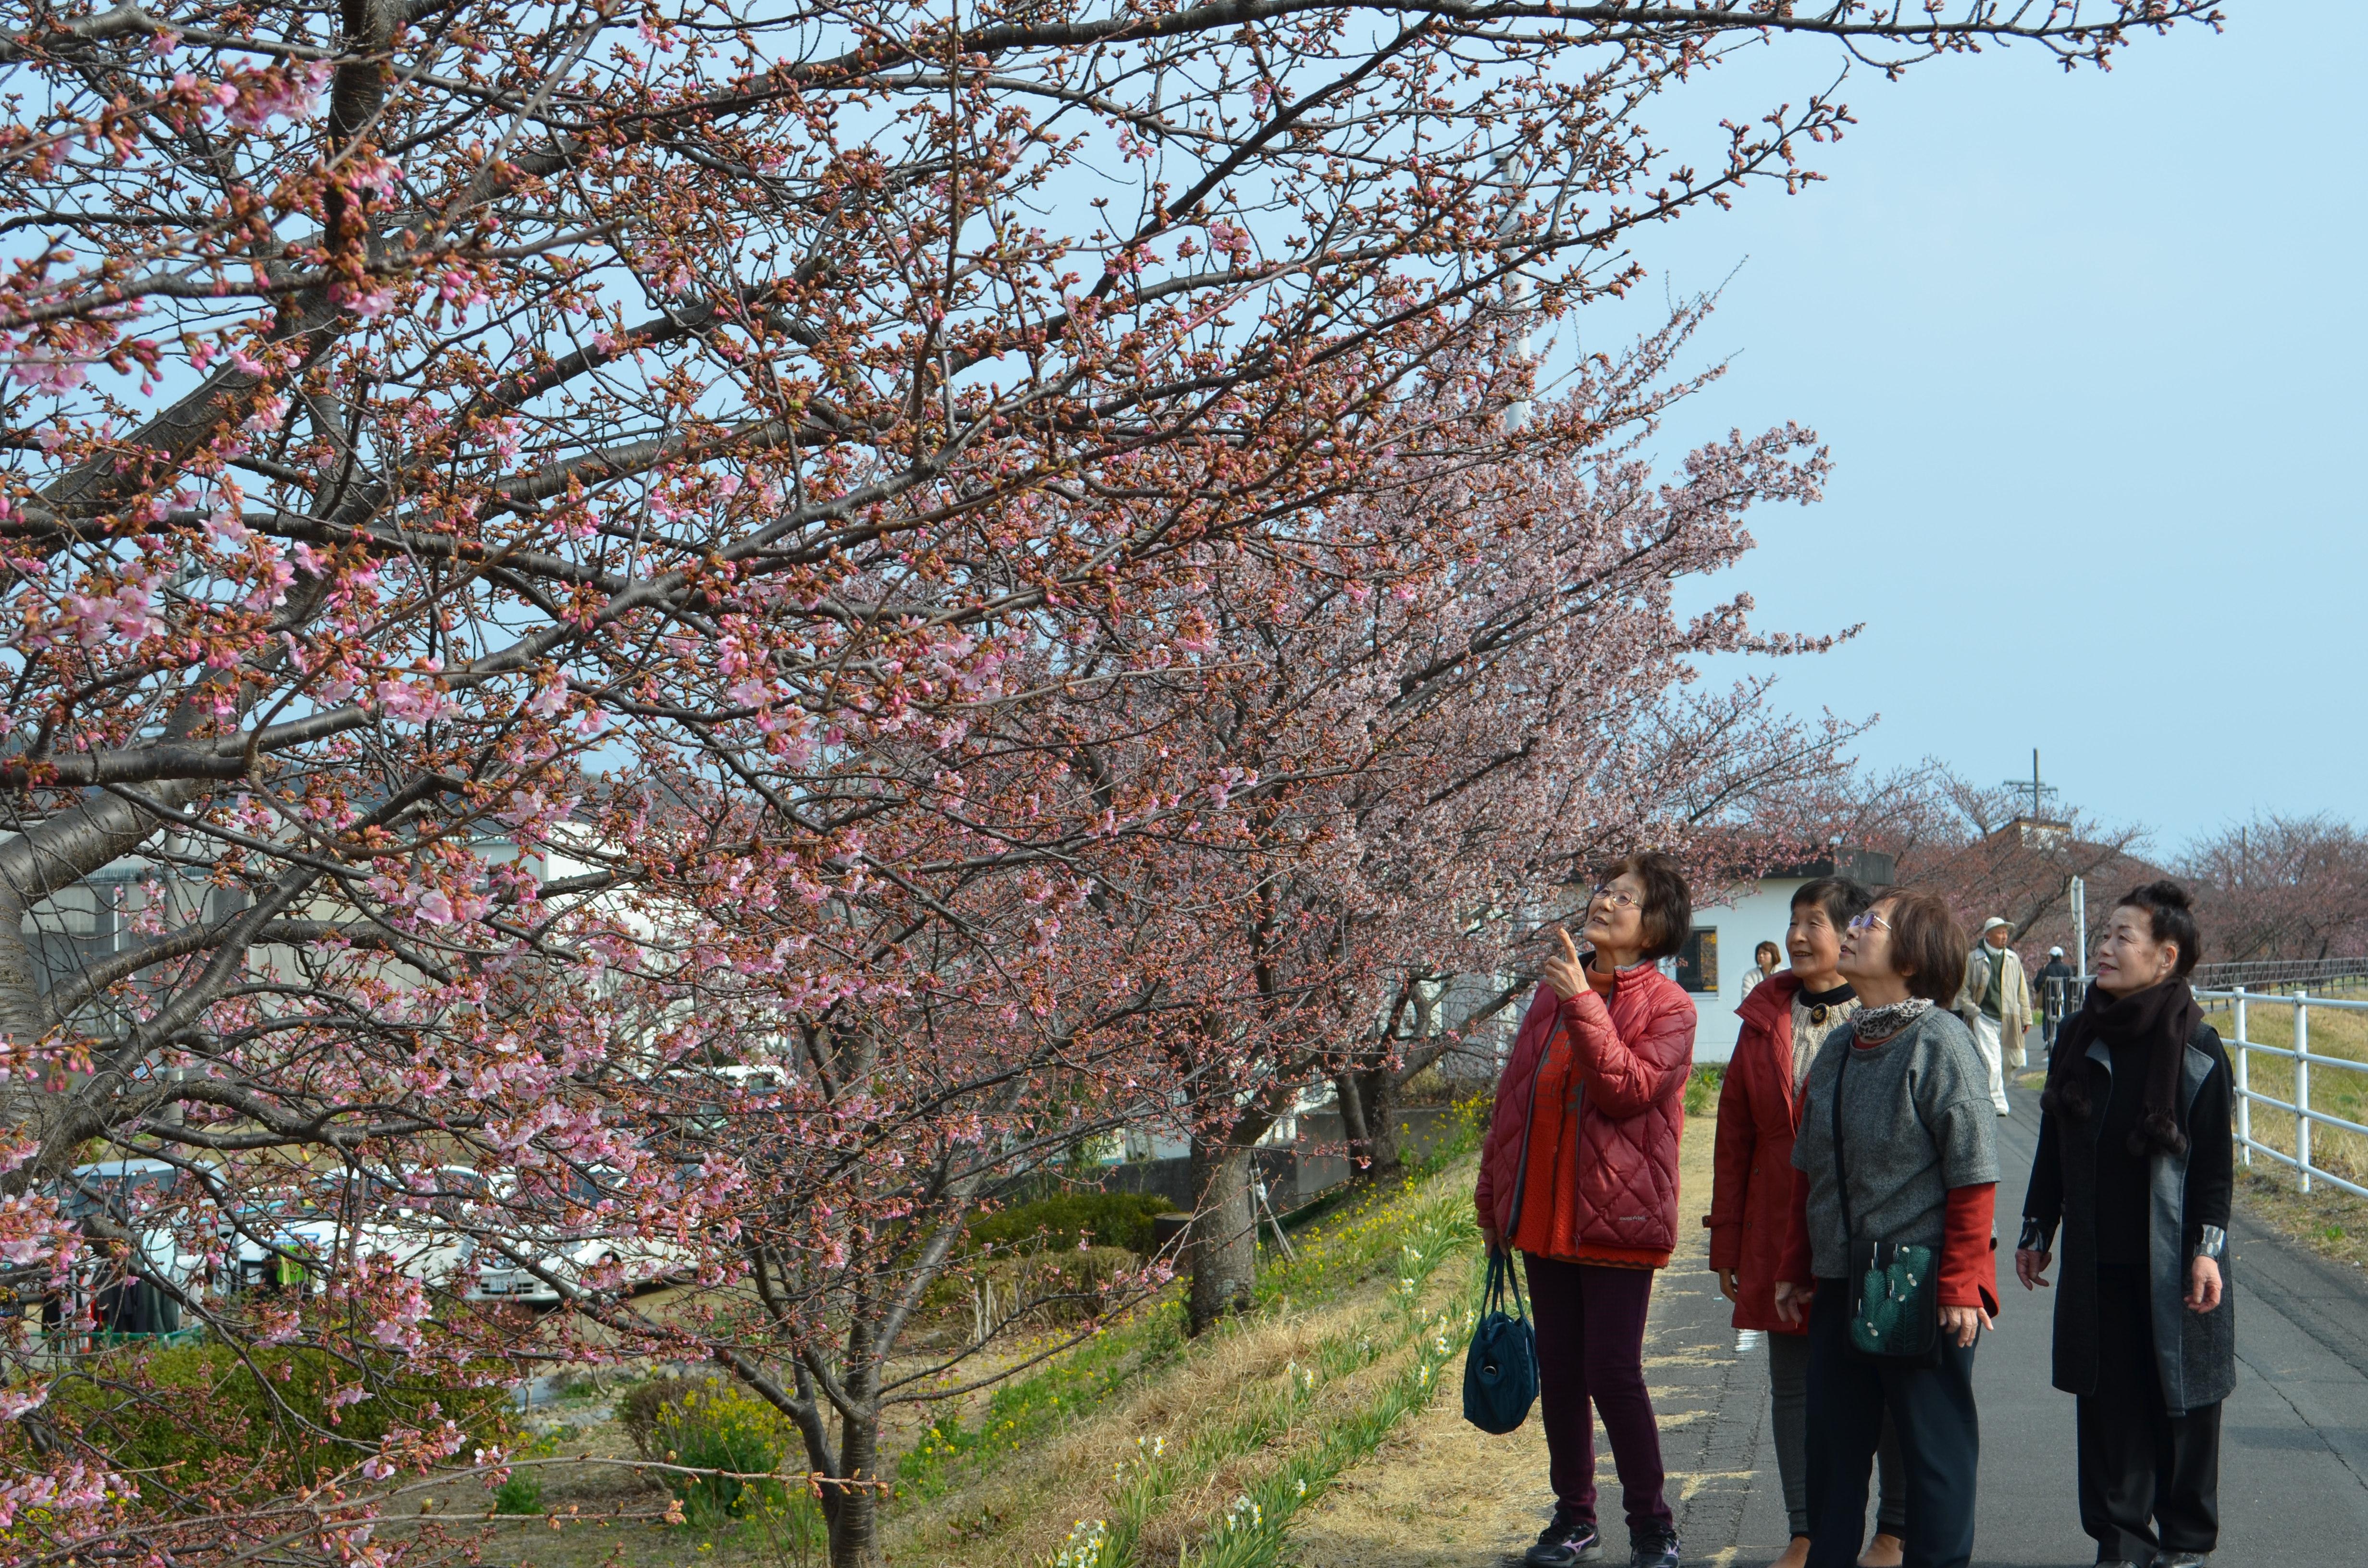 早咲きの河津桜を楽しむ花見客。土手には越前水仙も植えられている=2月25日、焼津市策牛